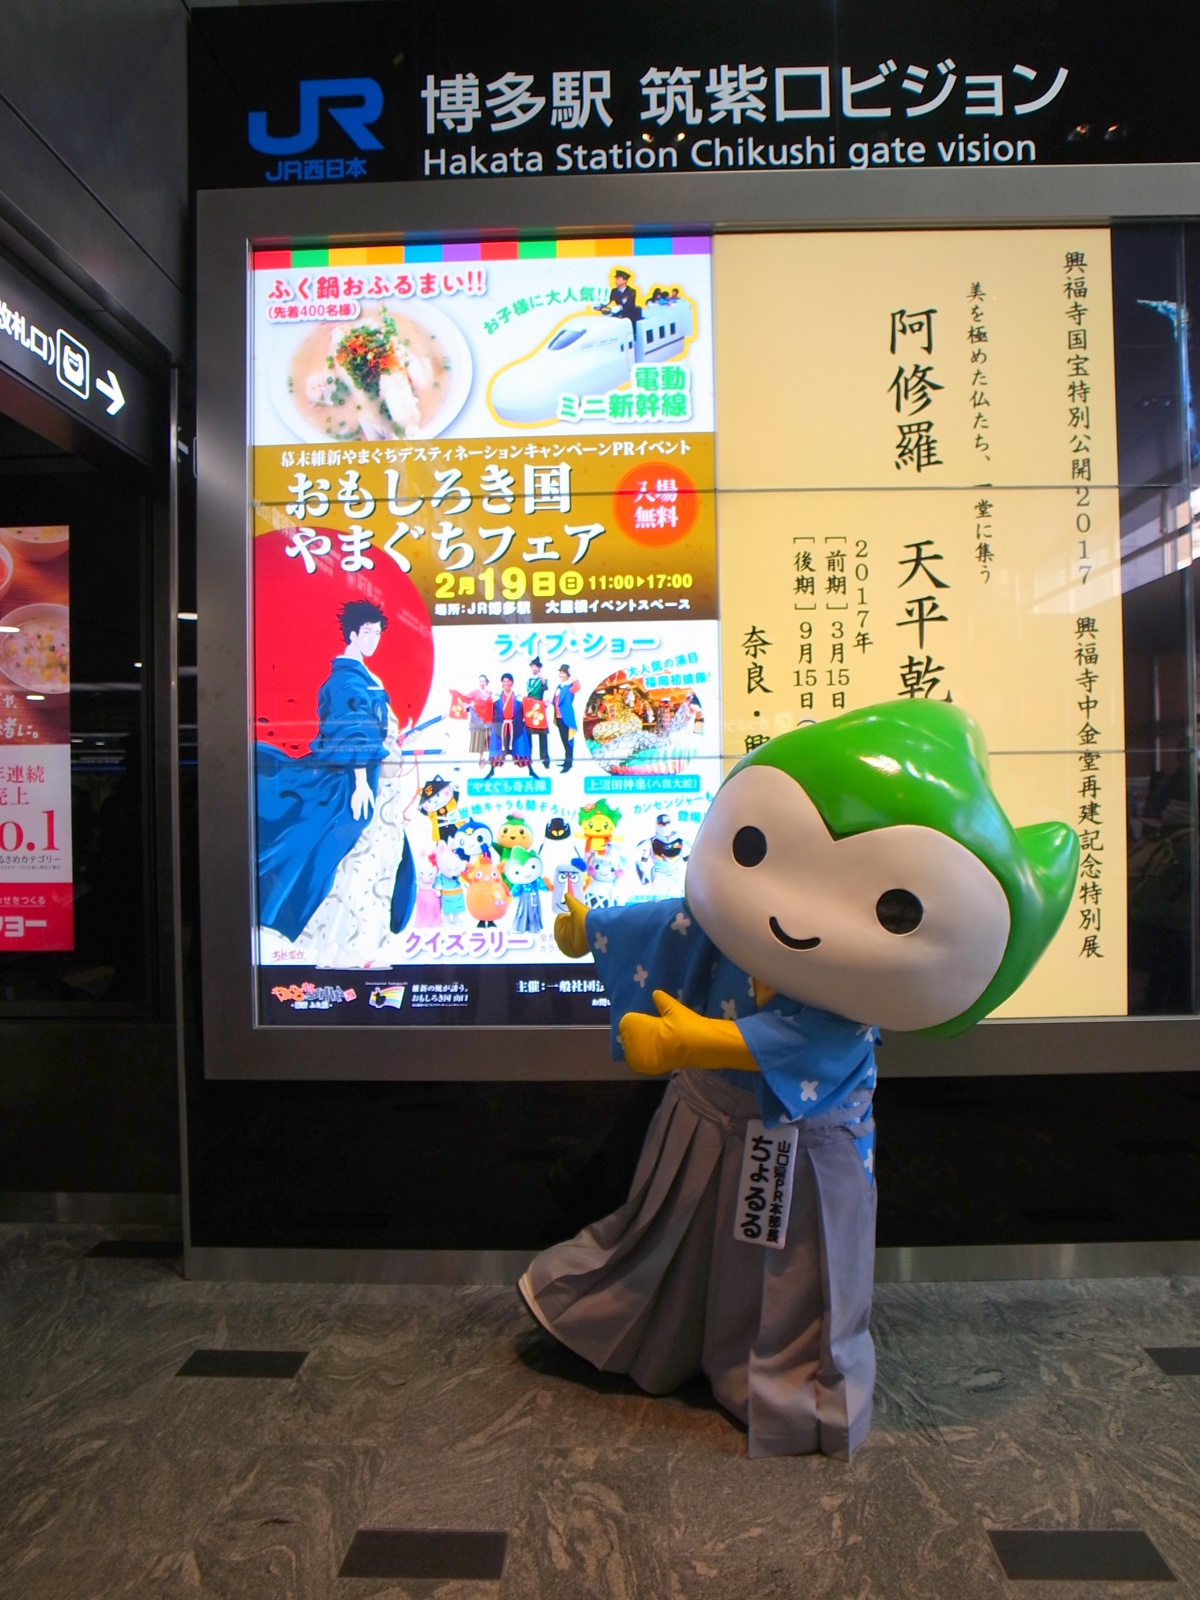 福岡県で「幕末維新やまぐちデスティネーションキャンペーン」のPRをしたよ☆彡